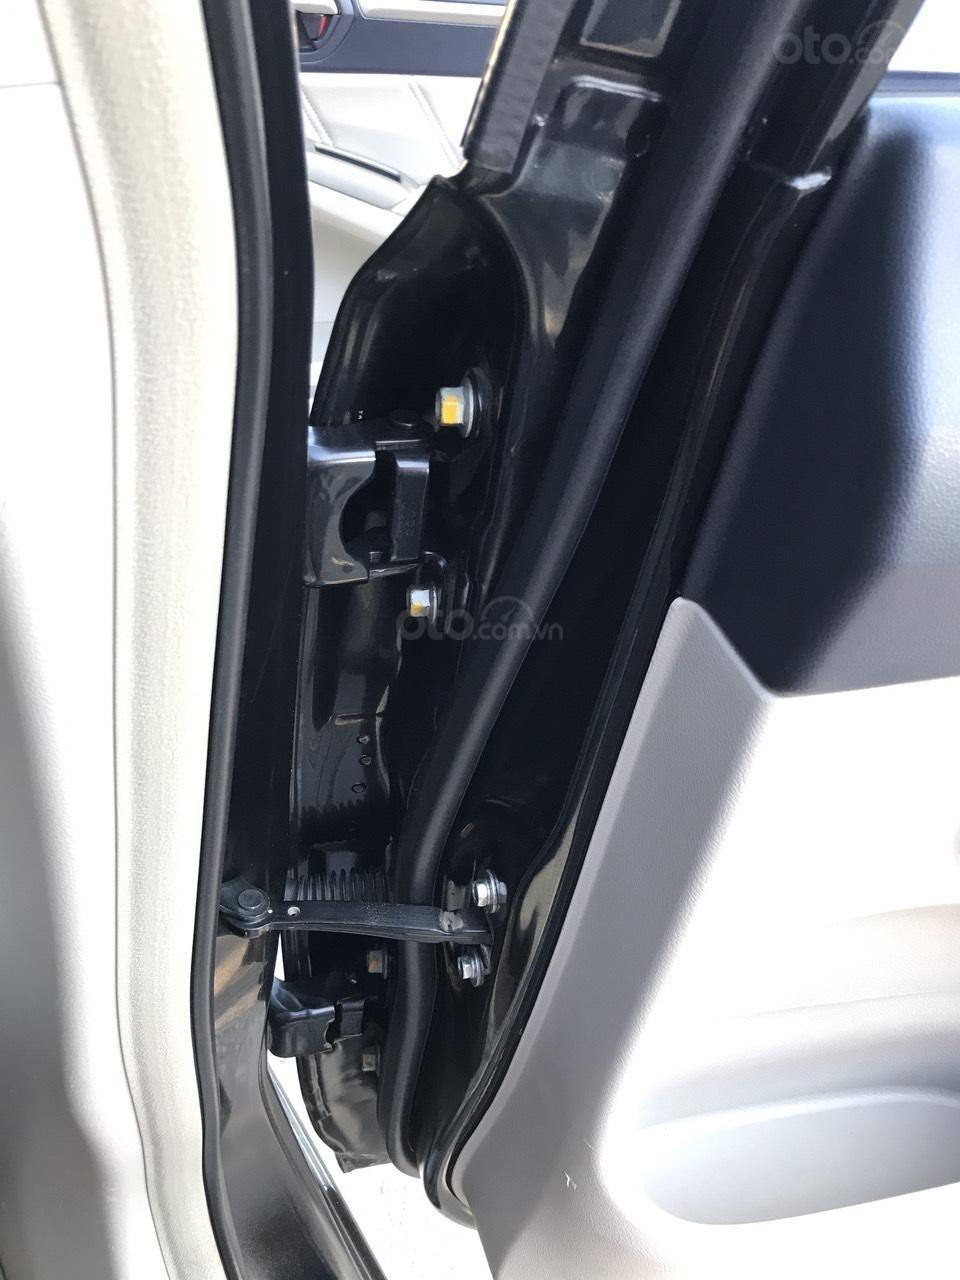 Cần bán Honda Civic 2.0AT sản xuất năm 2008, màu đen, chính chủ, xe tuyển (17)